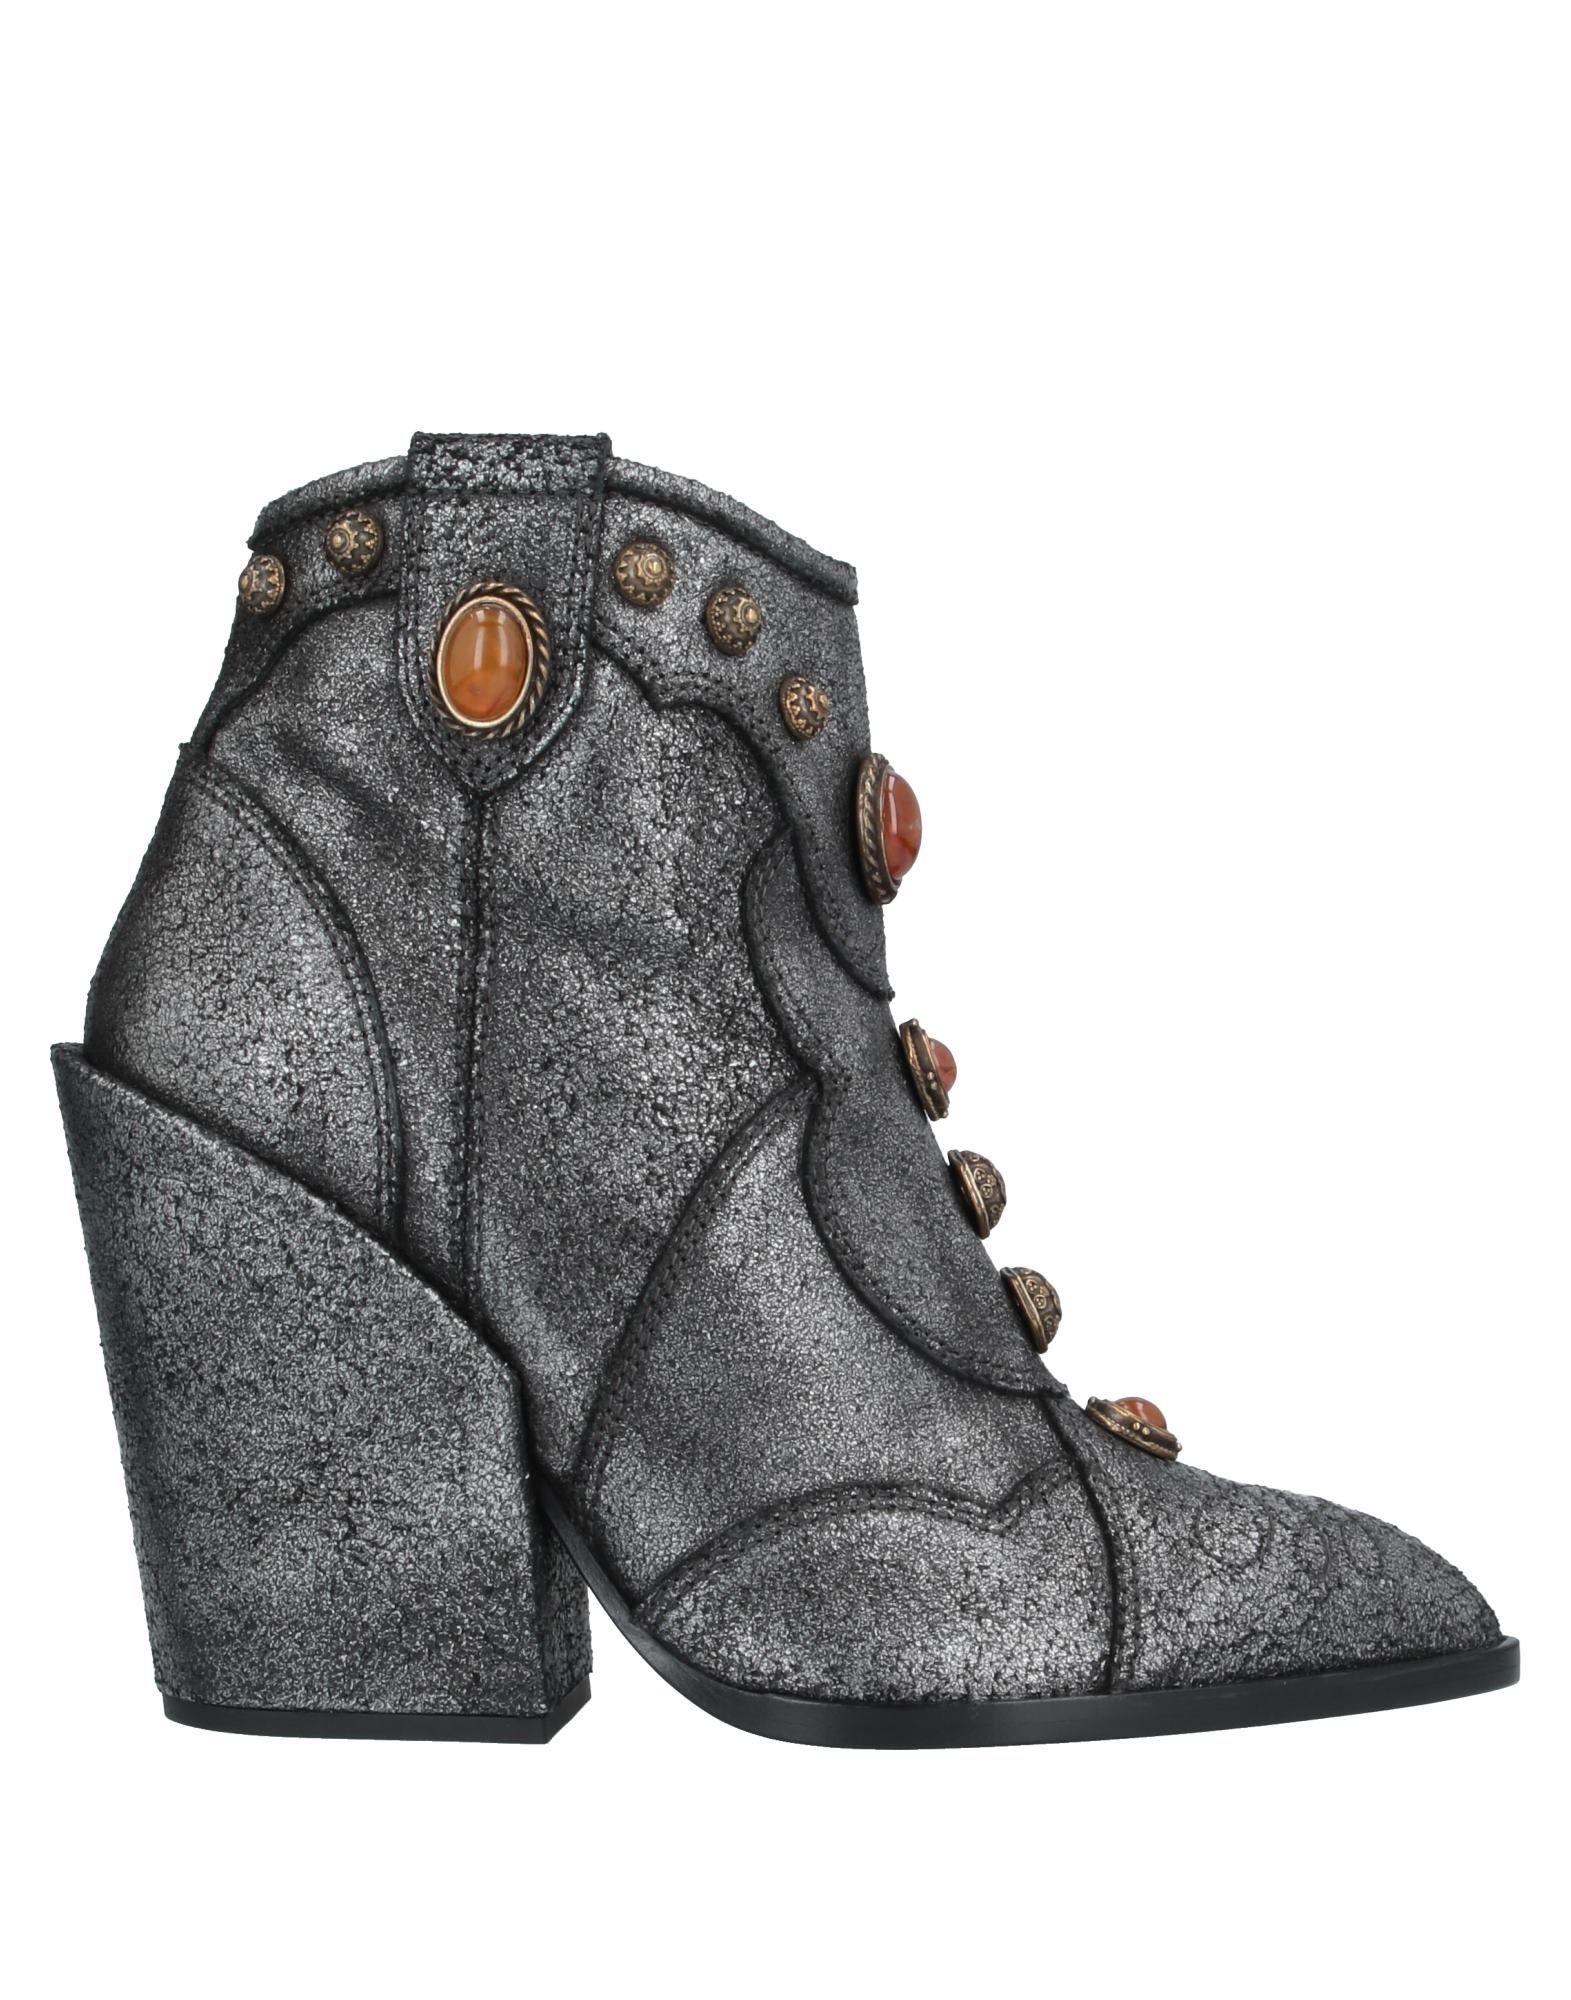 SHY by ARVID YUKI Полусапоги и высокие ботинки цены онлайн